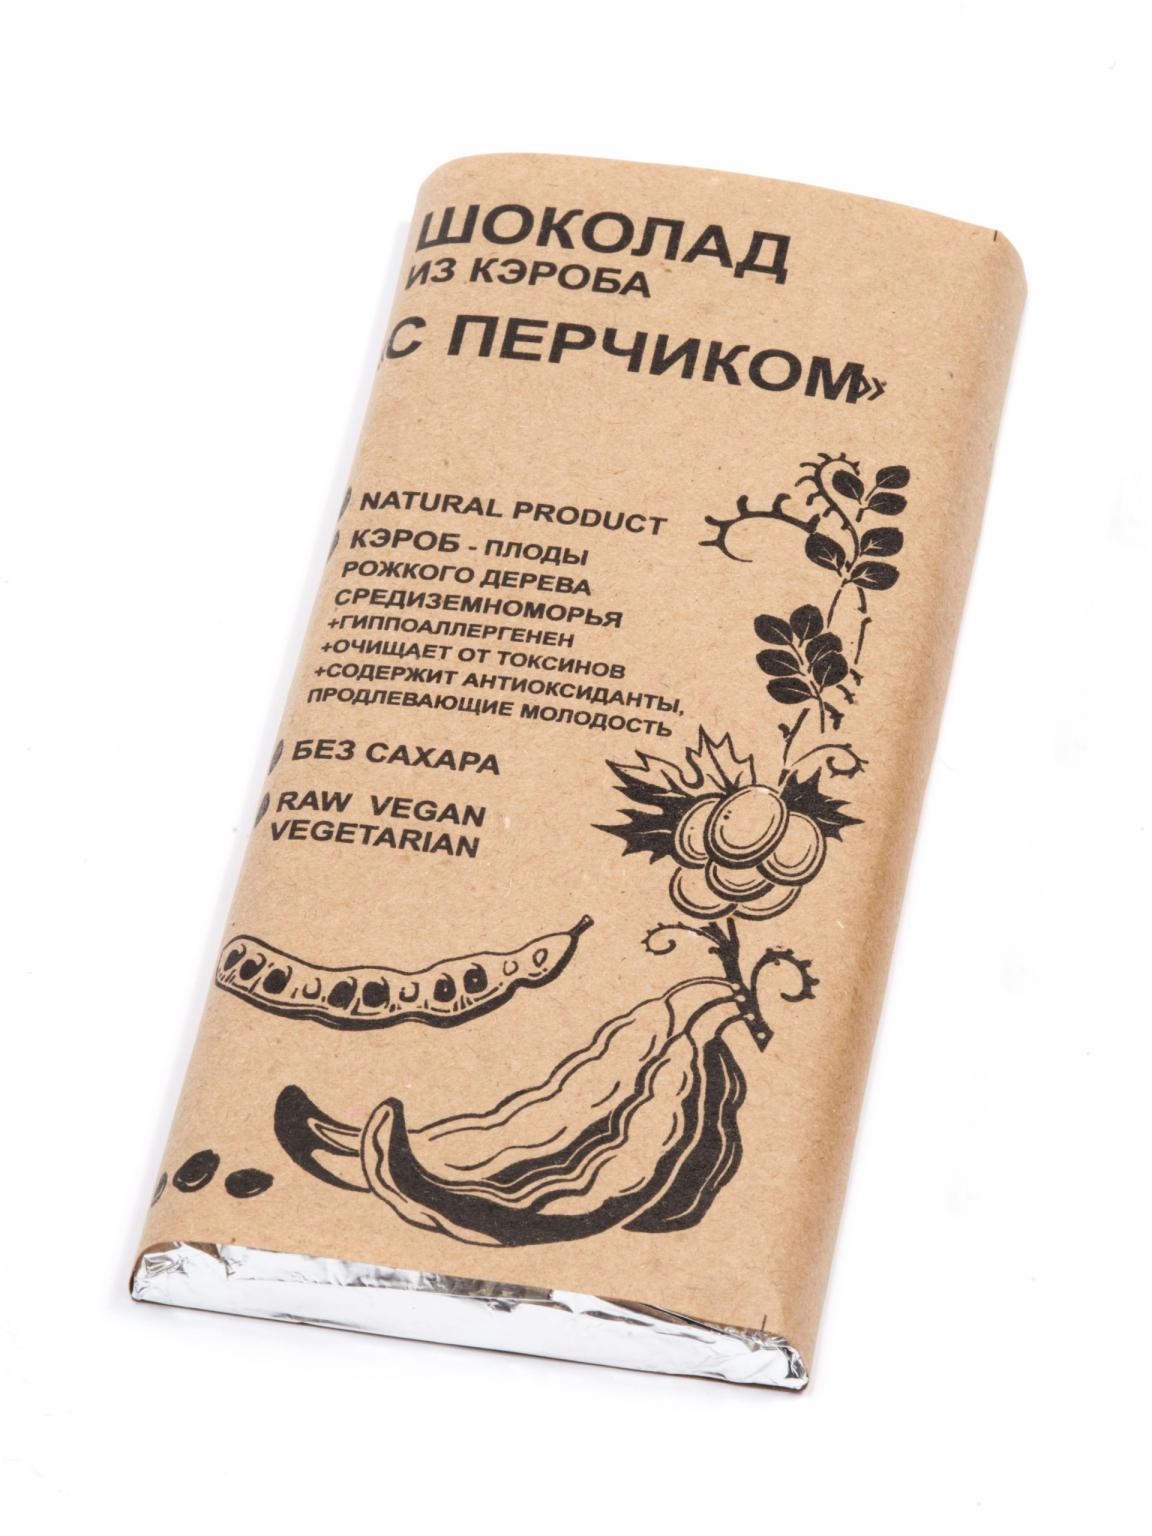 """Шоколад из кэроба """"С Перчиком"""" 100гр """"Биокухня Урожай"""""""